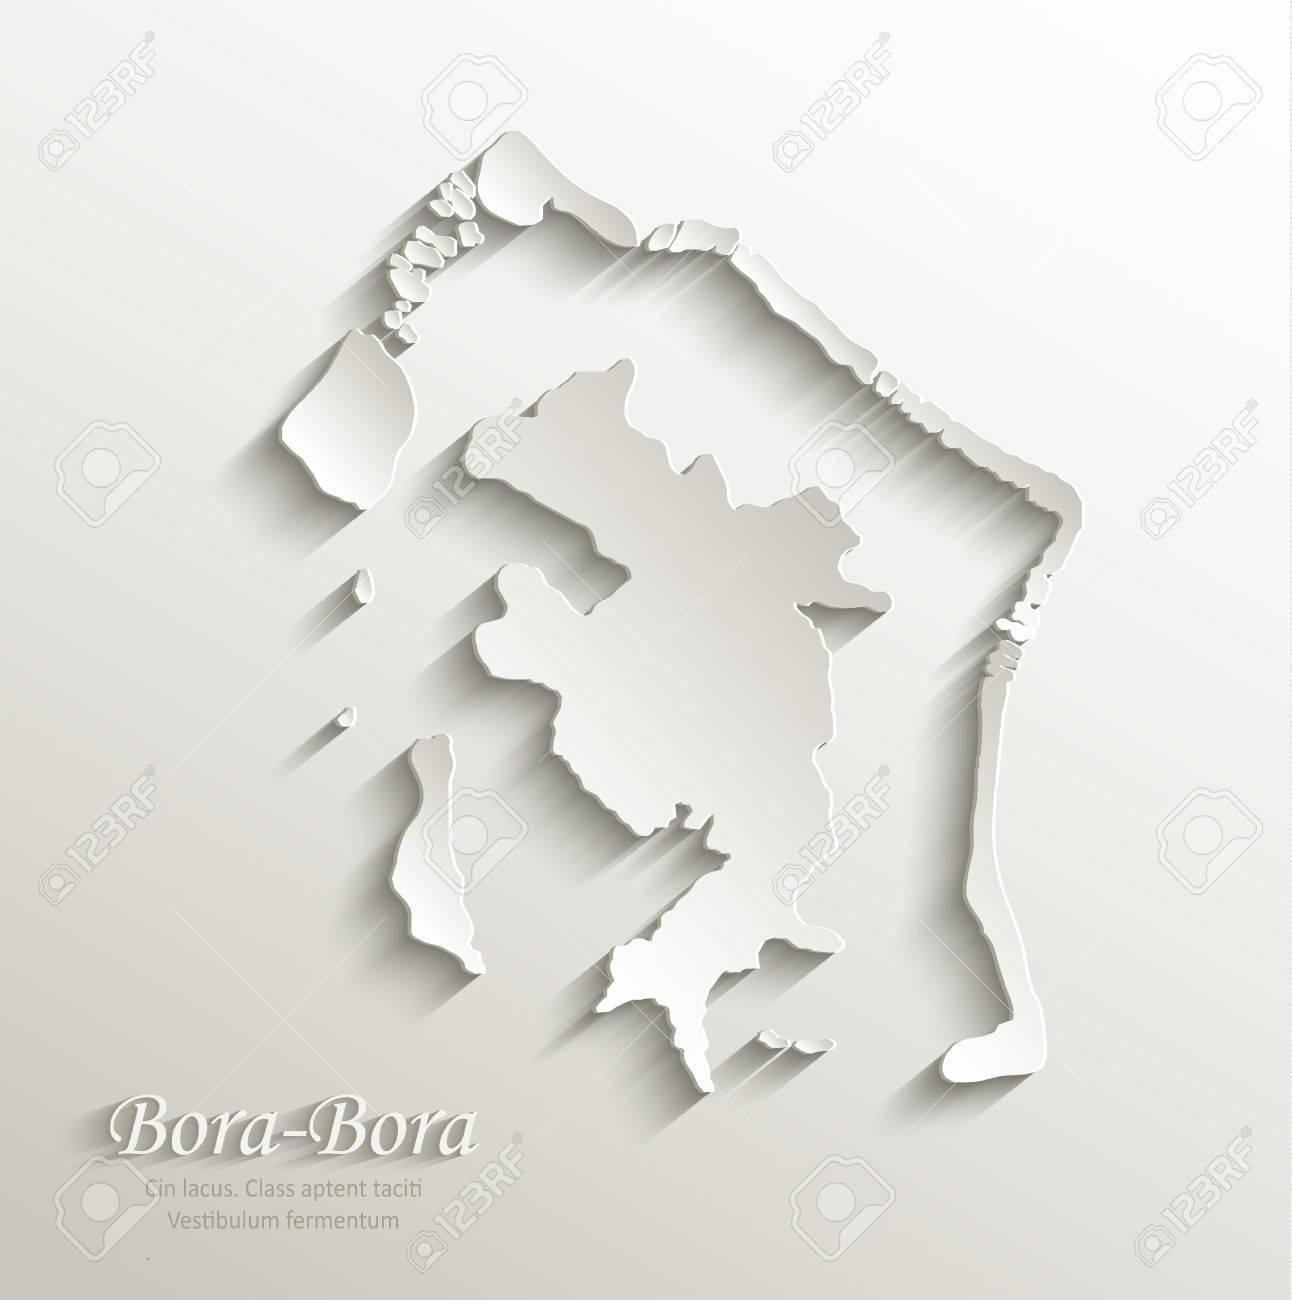 Bora Bora Papel Mapa De La Tarjeta 3d Polinesia Frances Vector Natural